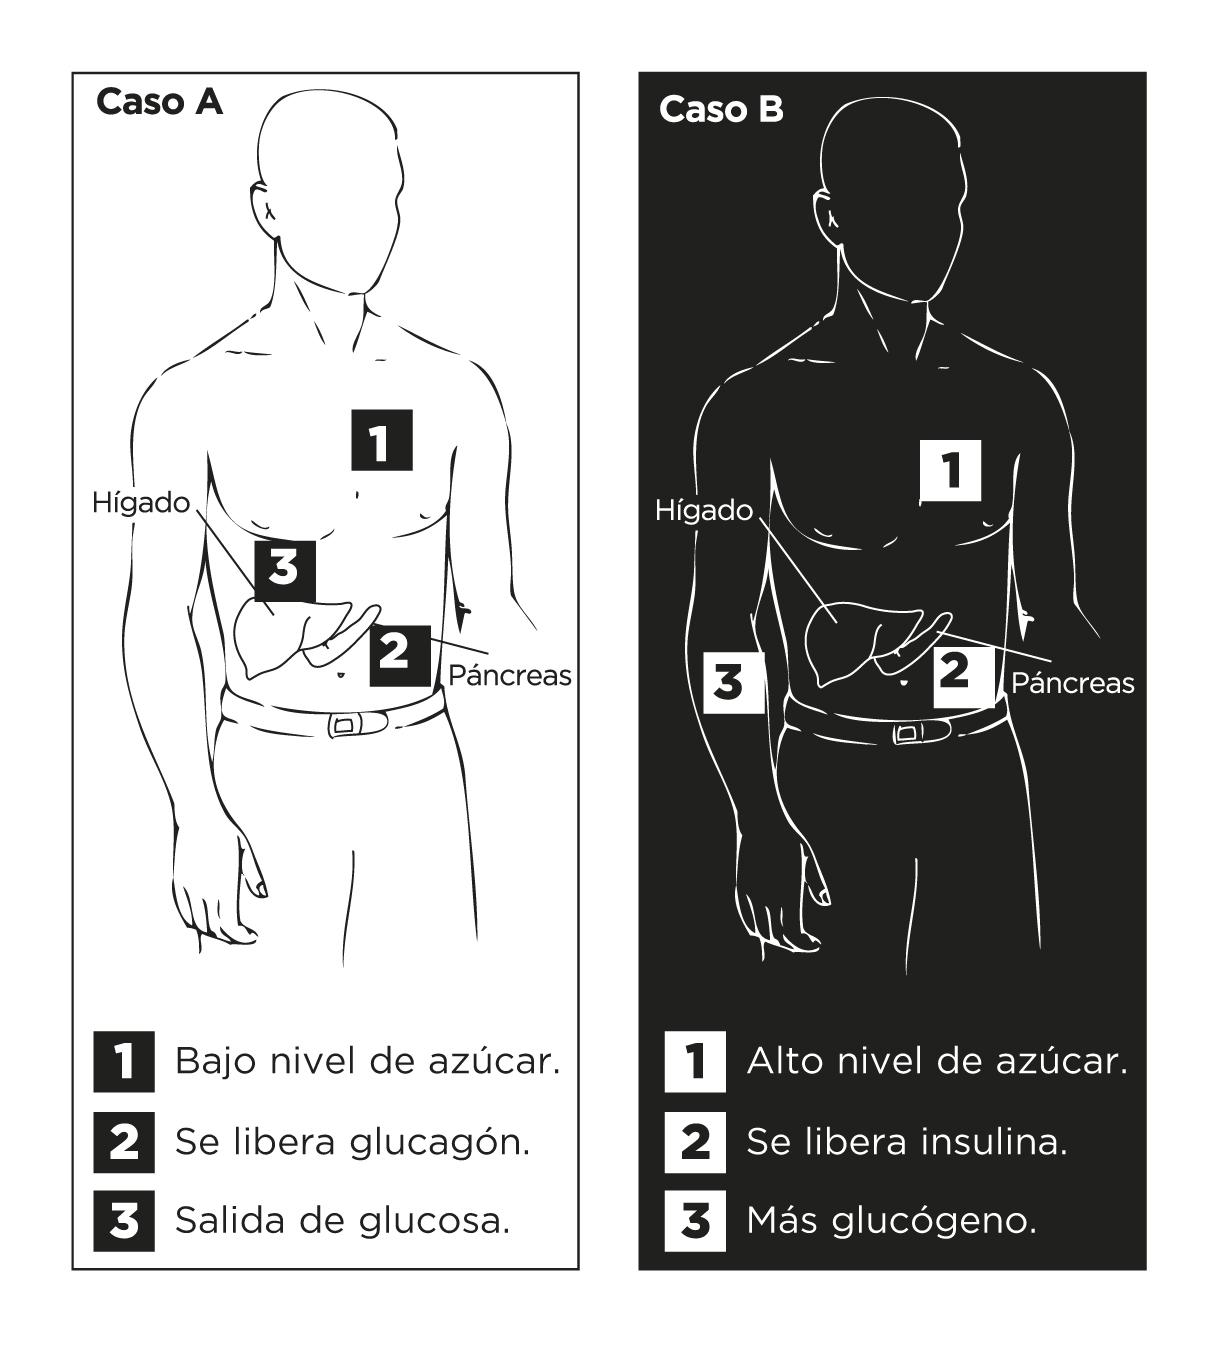 Reacciones del cuerpo humano en función del nivel de glucosa.